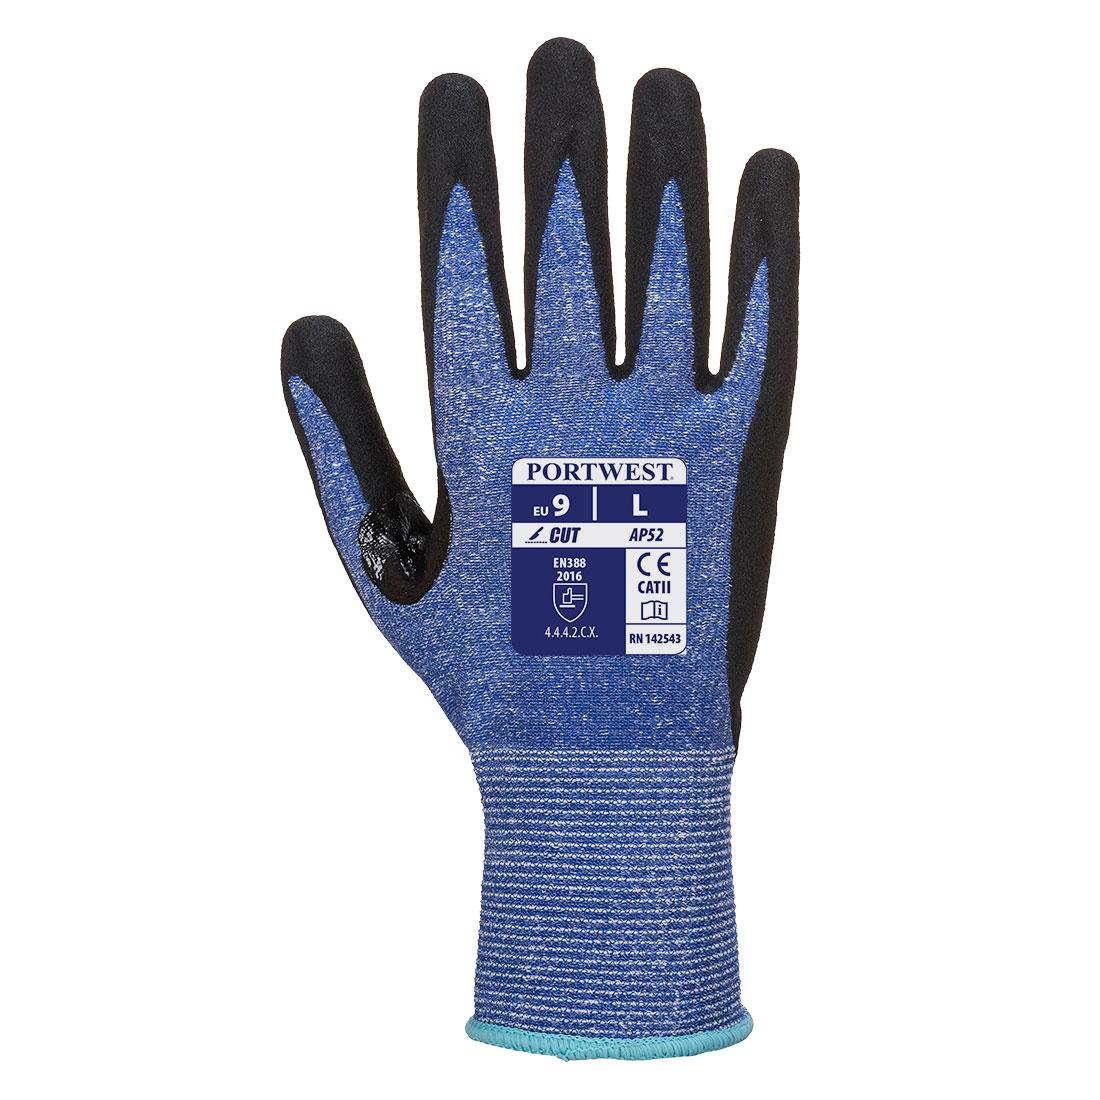 Portwest Dexti Cut Ultra Glove - AP52